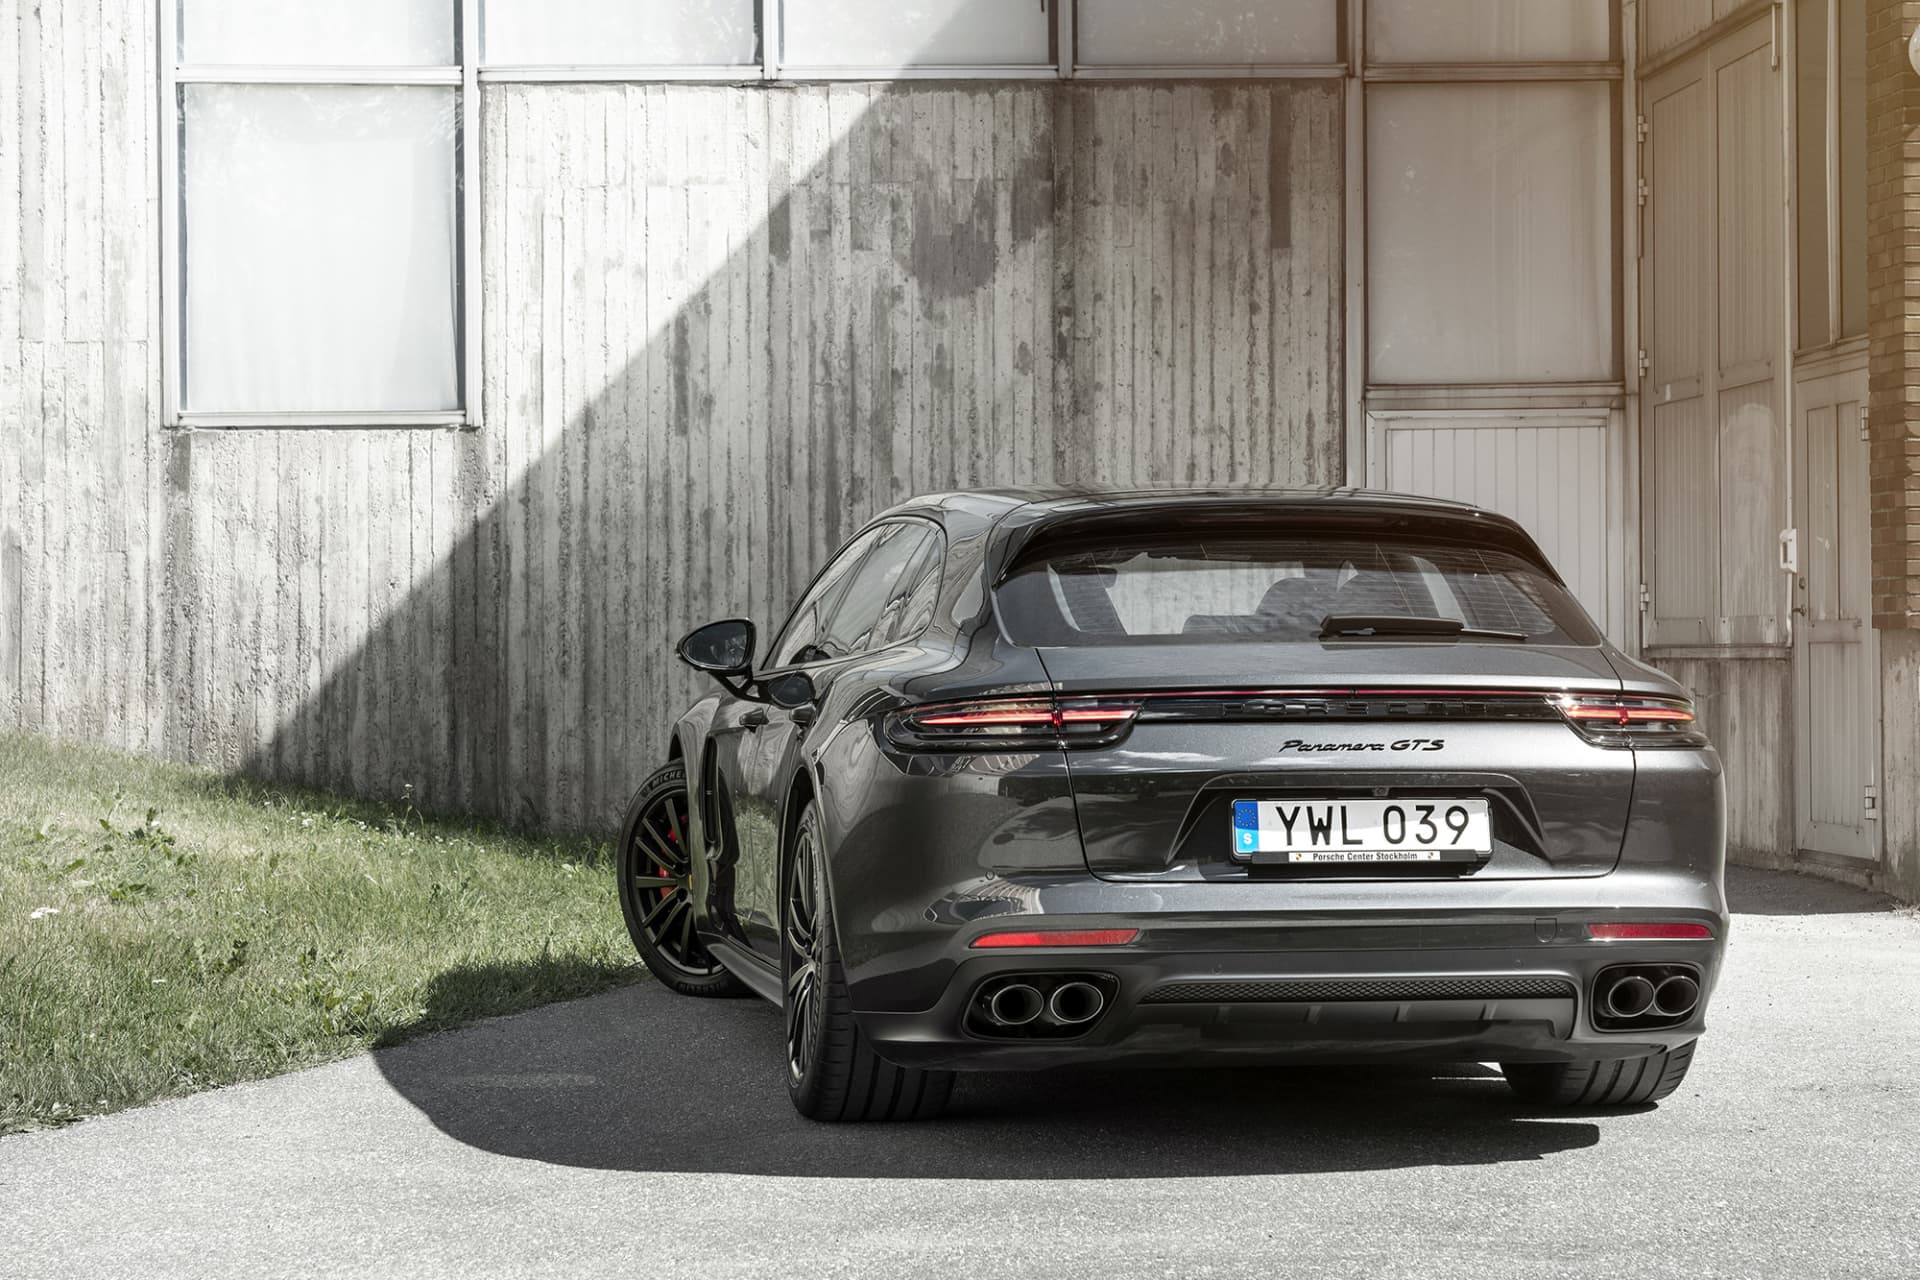 Med Panamera Sport Turismo GTS fortsätter Porsche visa vart skåpet ska stå när det kommer till mångsidigheten hos lyxbilar i den här klassen.